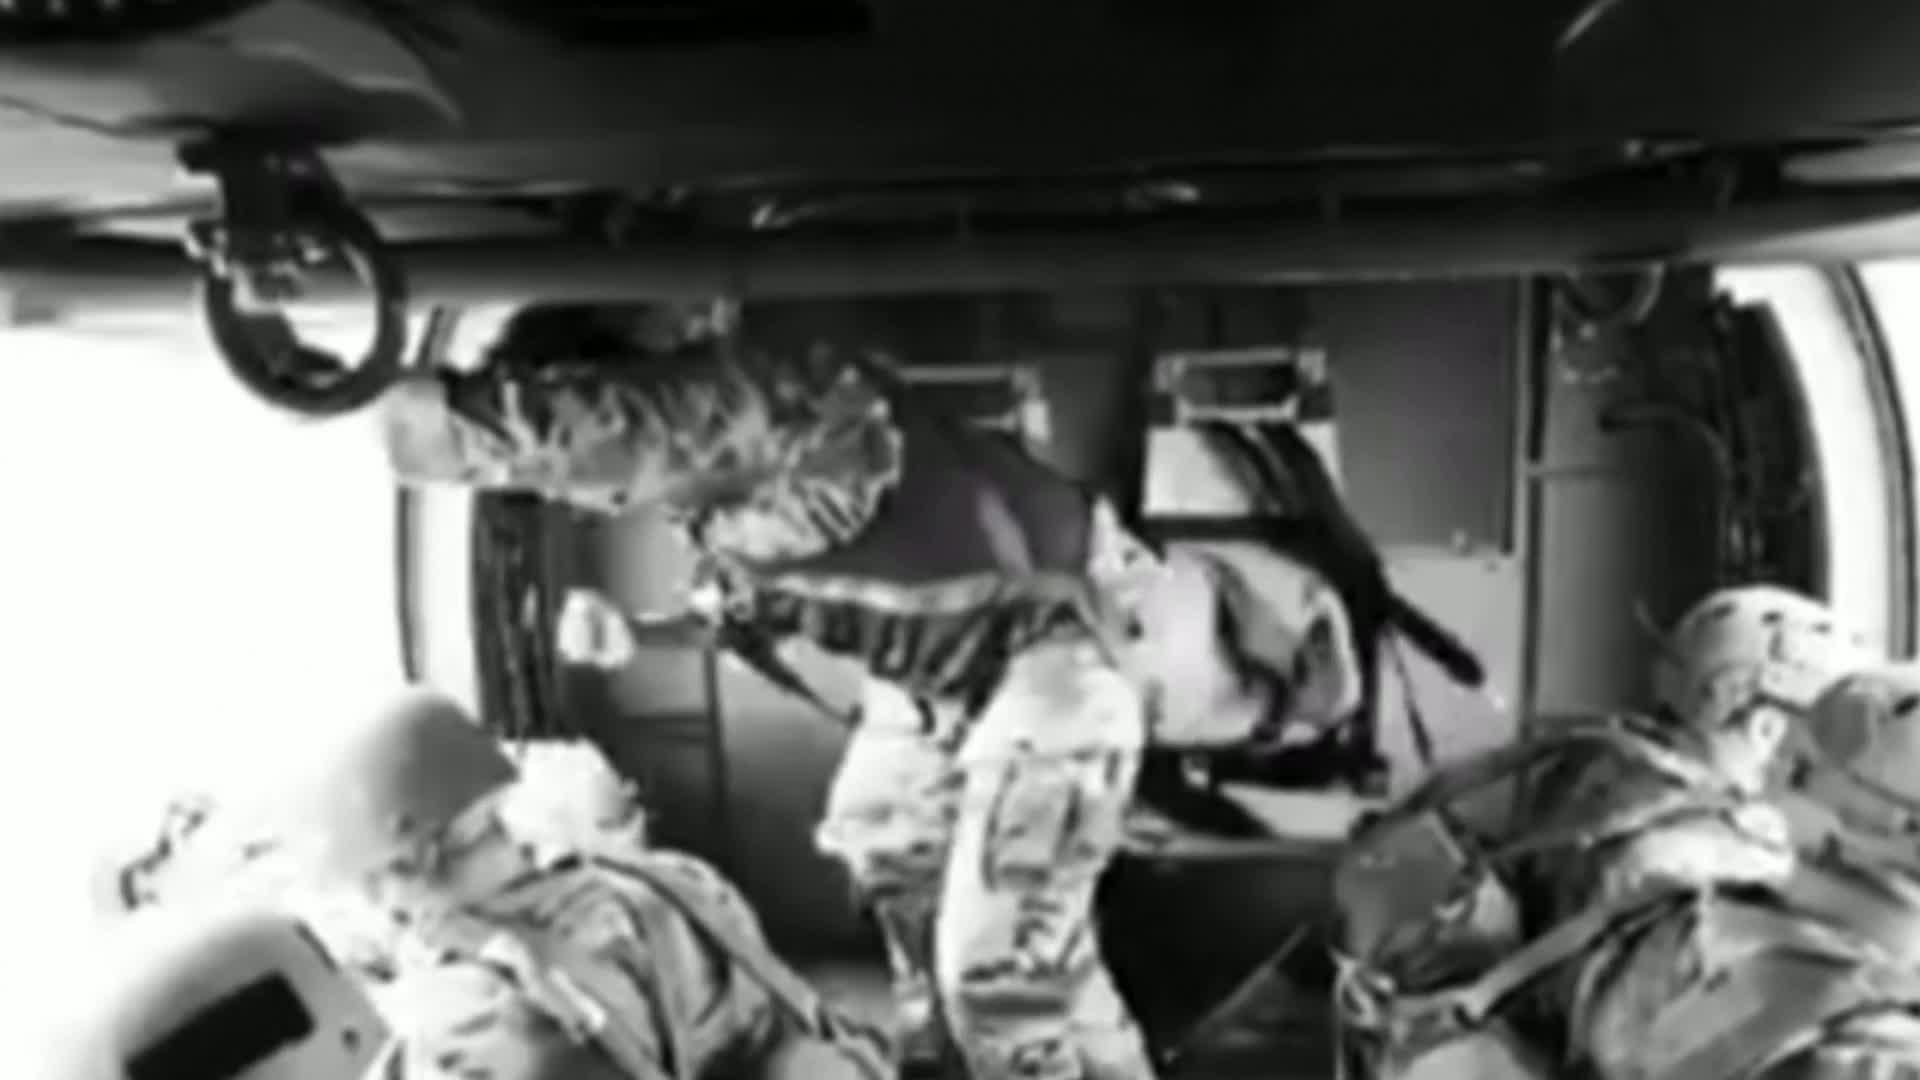 #军事#跳伞训练真是让人操心啊,完事儿还得看看伞具有没有顺利打开